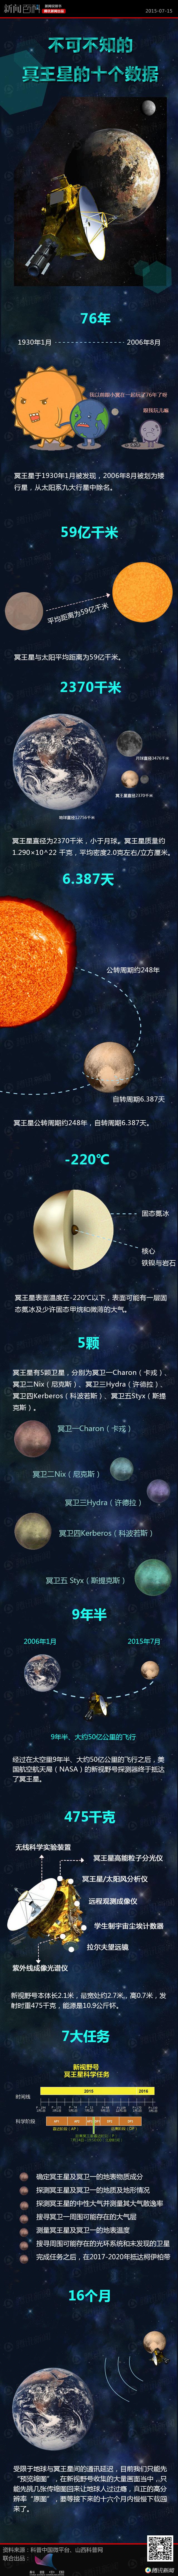 被开除行星队伍的冥王星 (冥王星九套数据:抛弃我为何又来找我) - 月儿弯弯 - wang.zhou.803 的博客